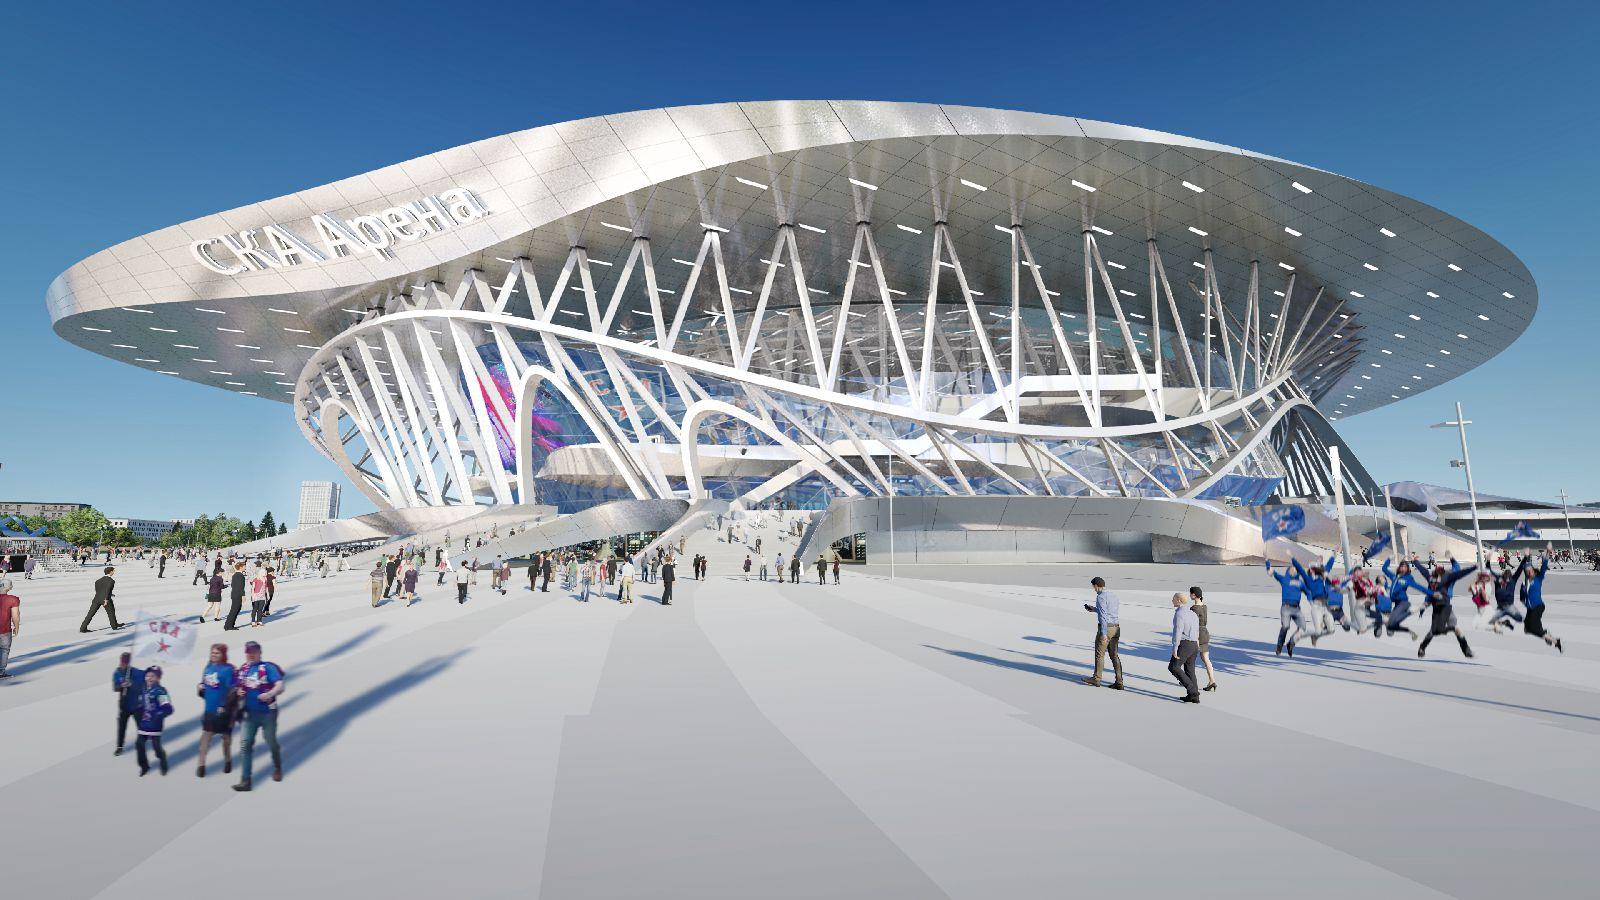 CKA Arena